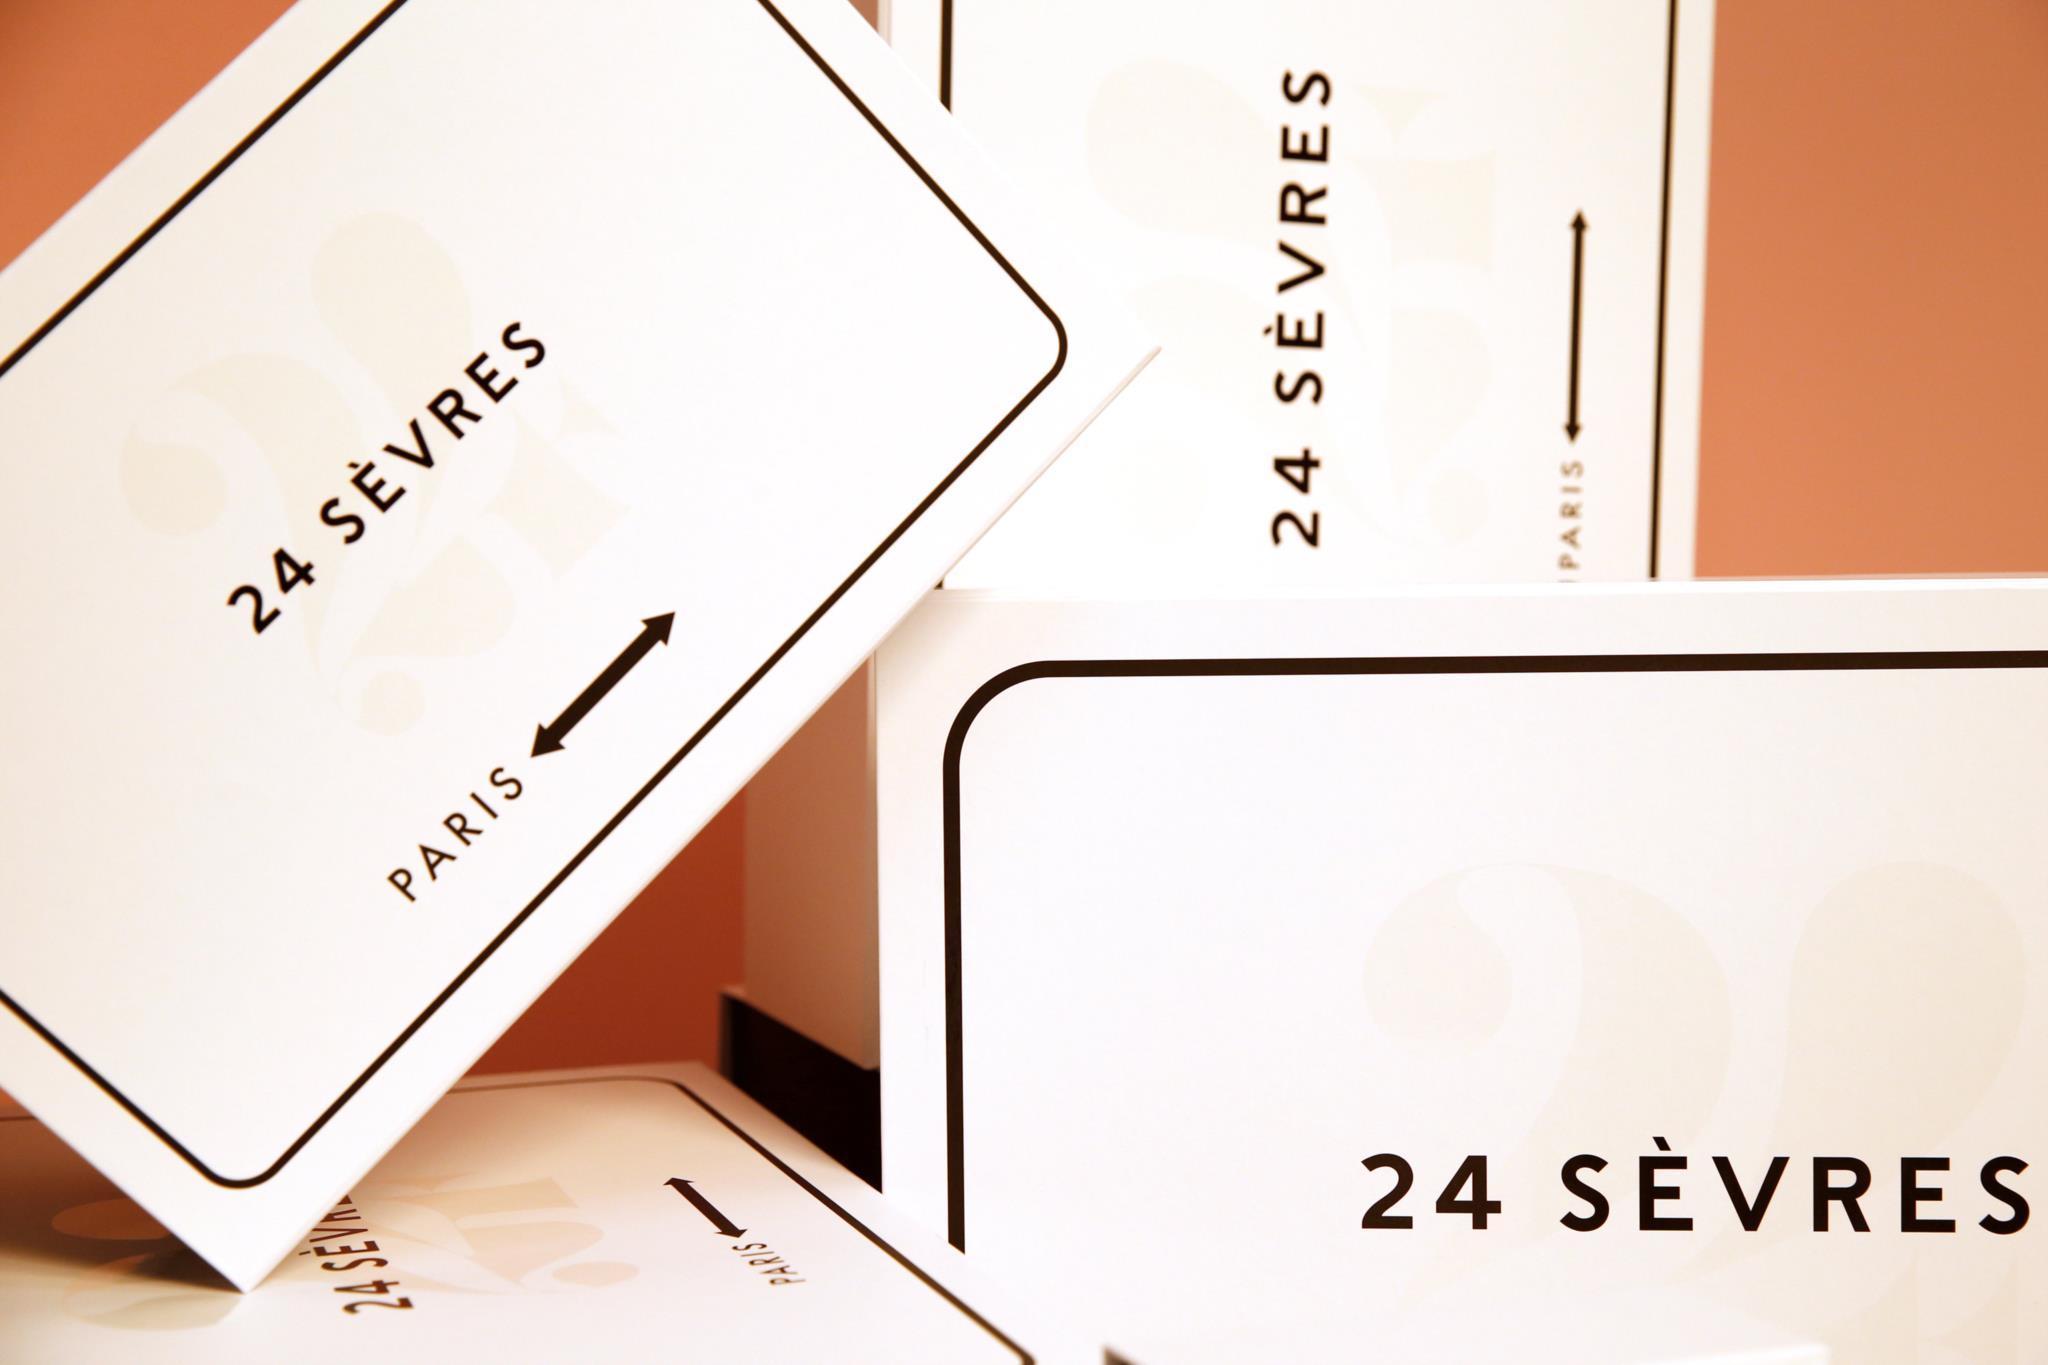 LVMH anuncia a plataforma de comércio online 24 Sèvres